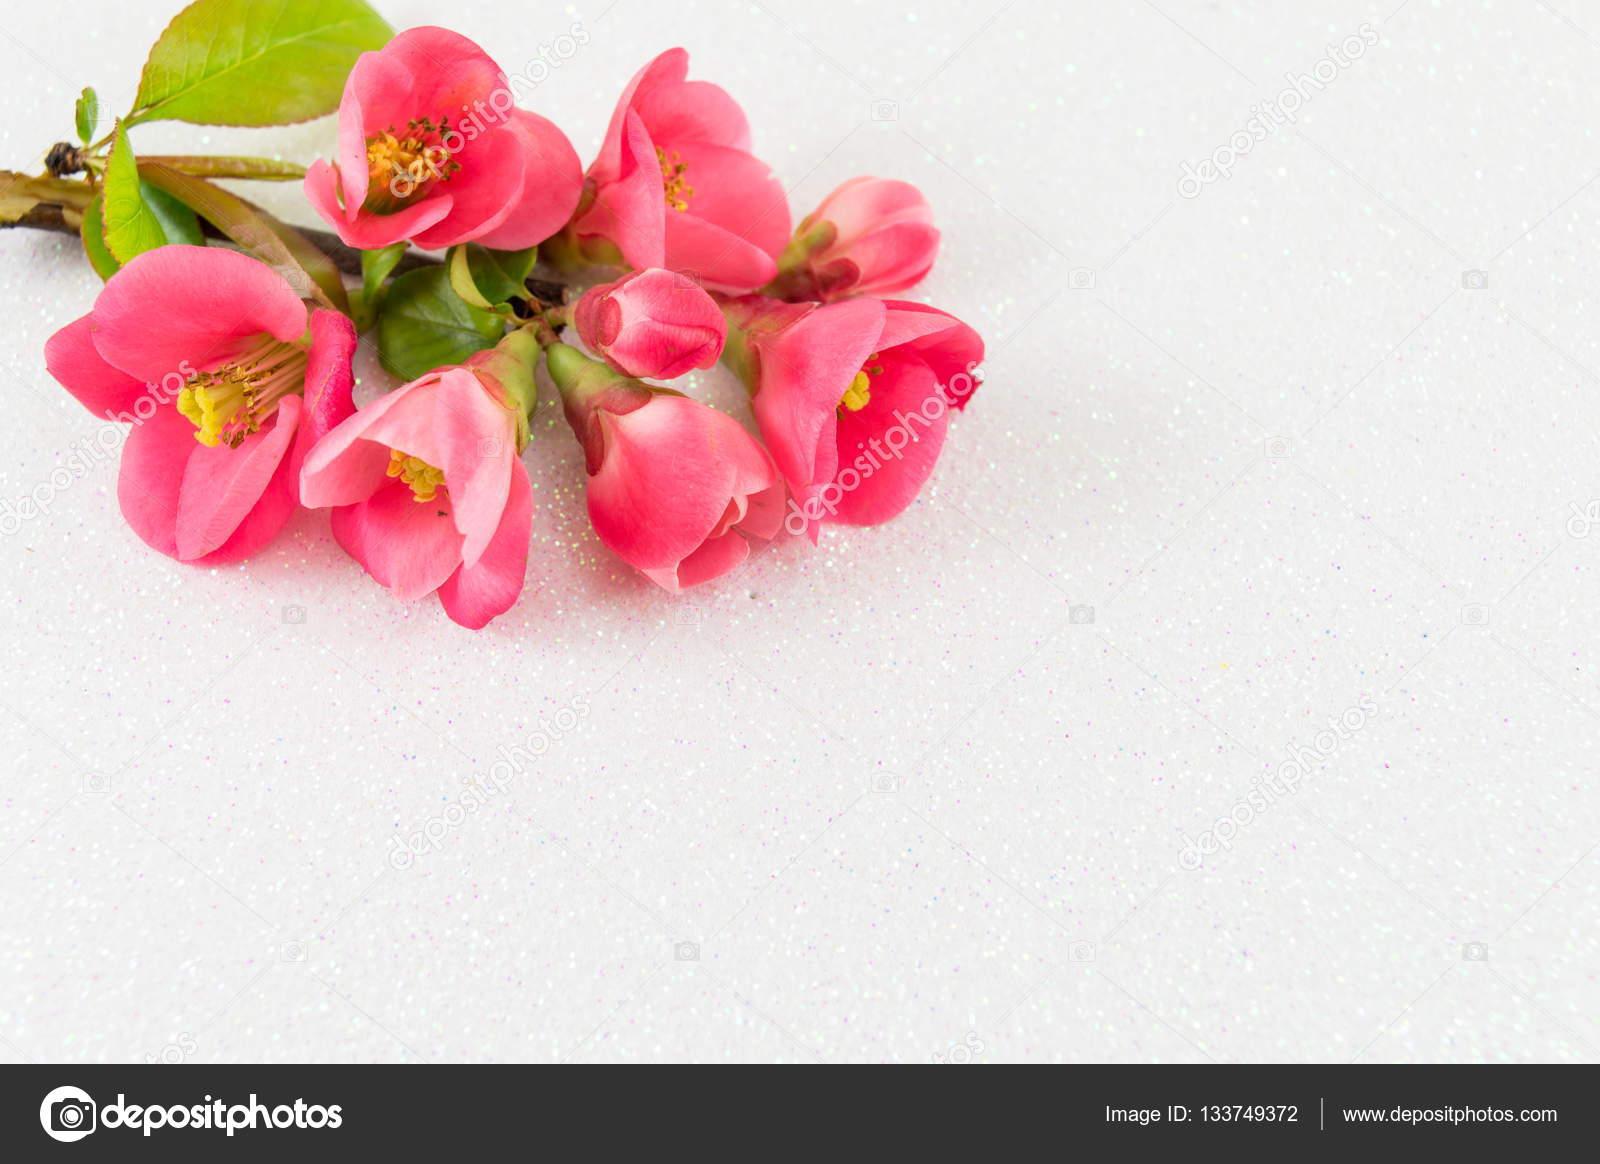 Japanese Rose Flowers On White Background Stock Photo